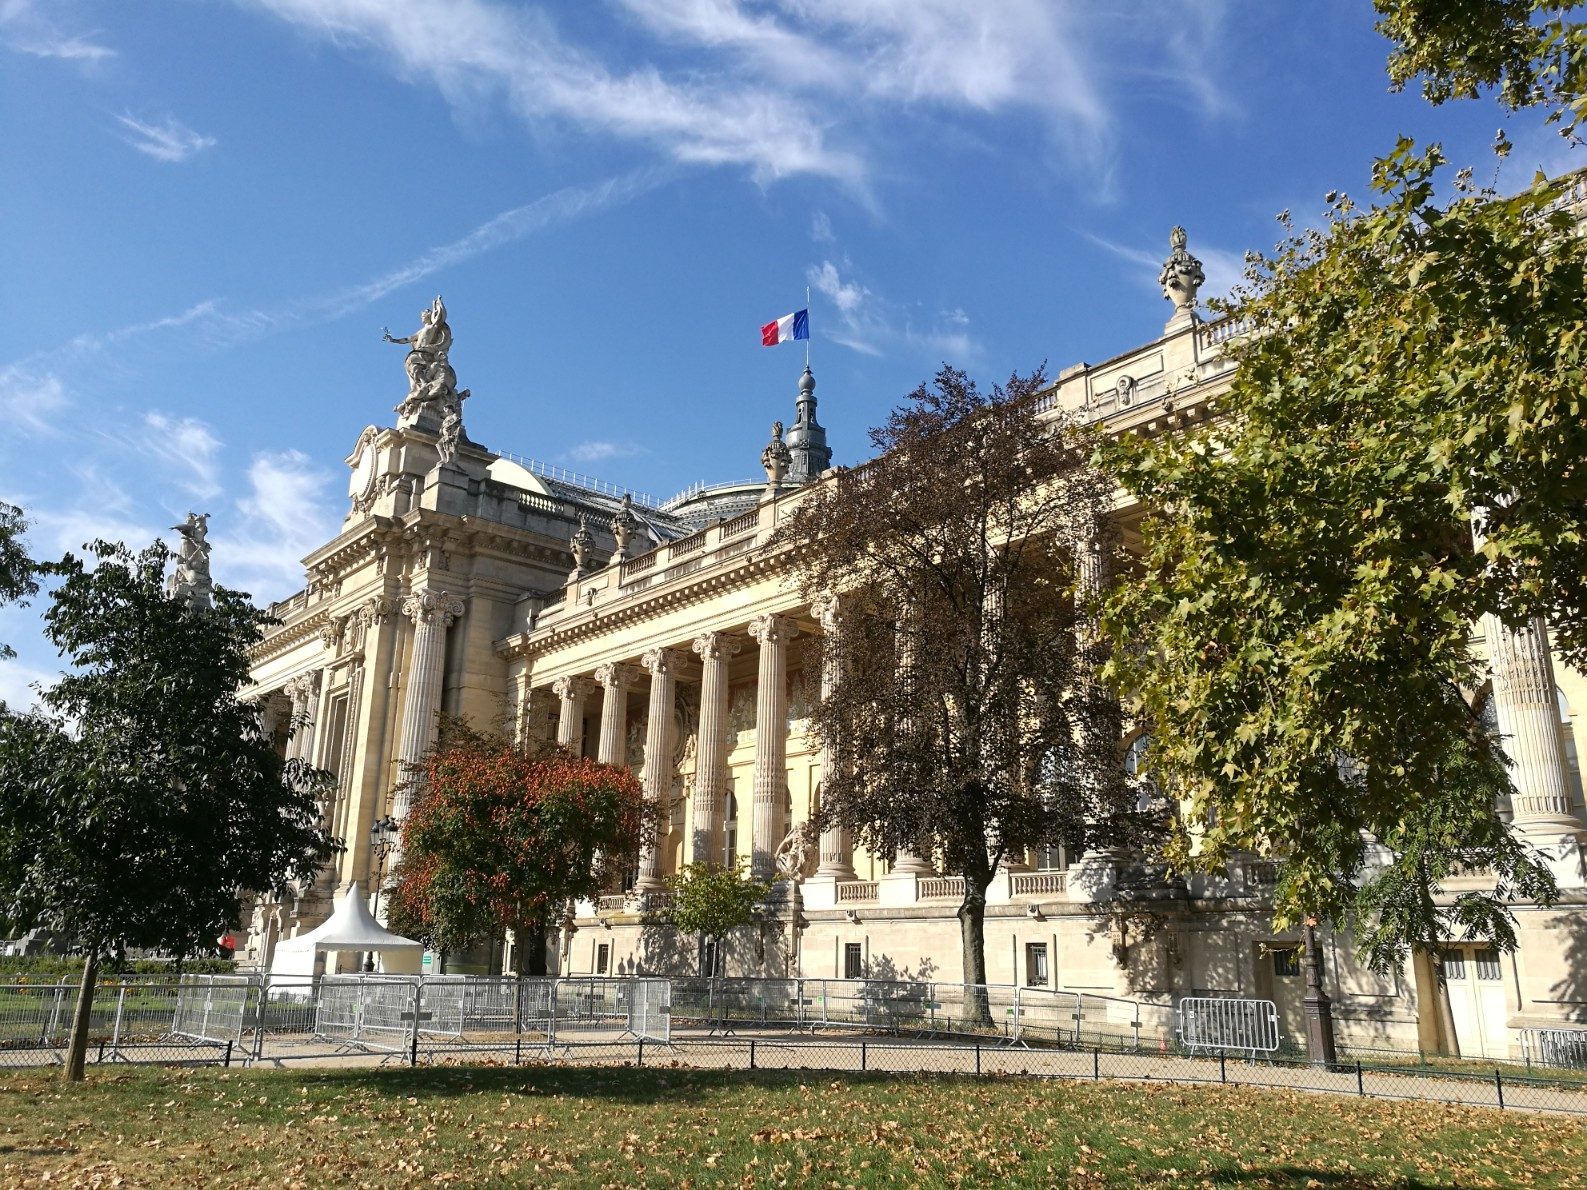 Un des bâtiments Parisien ouverts pendant les journée du patrimoine